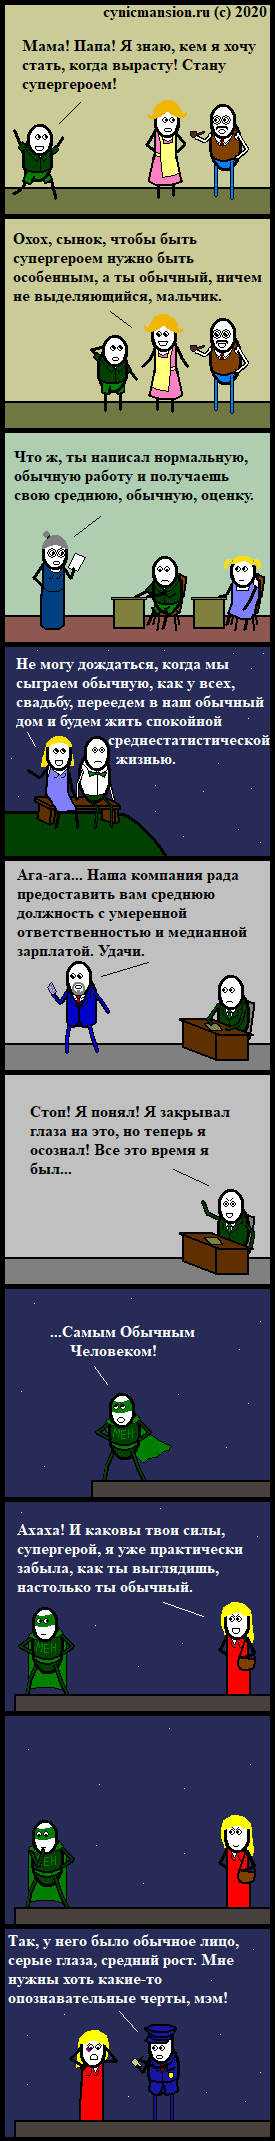 Геройское